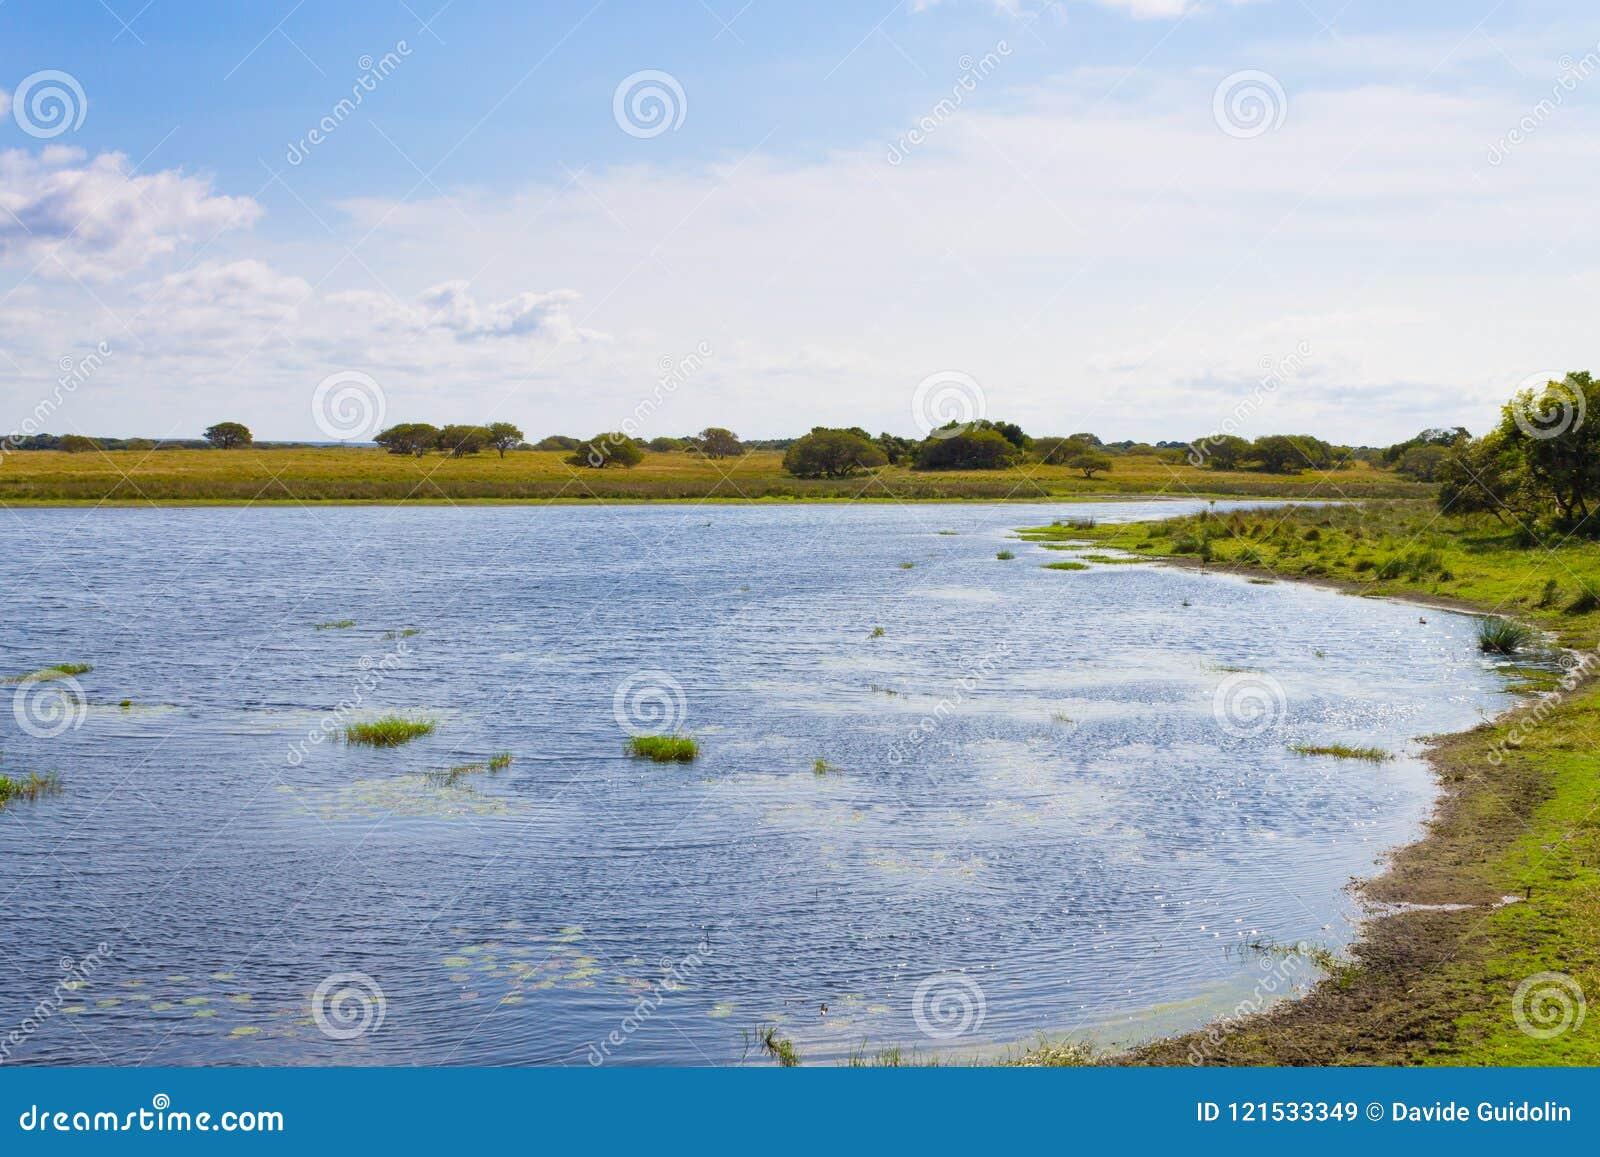 Isimangaliso våtmark parkerar landskap